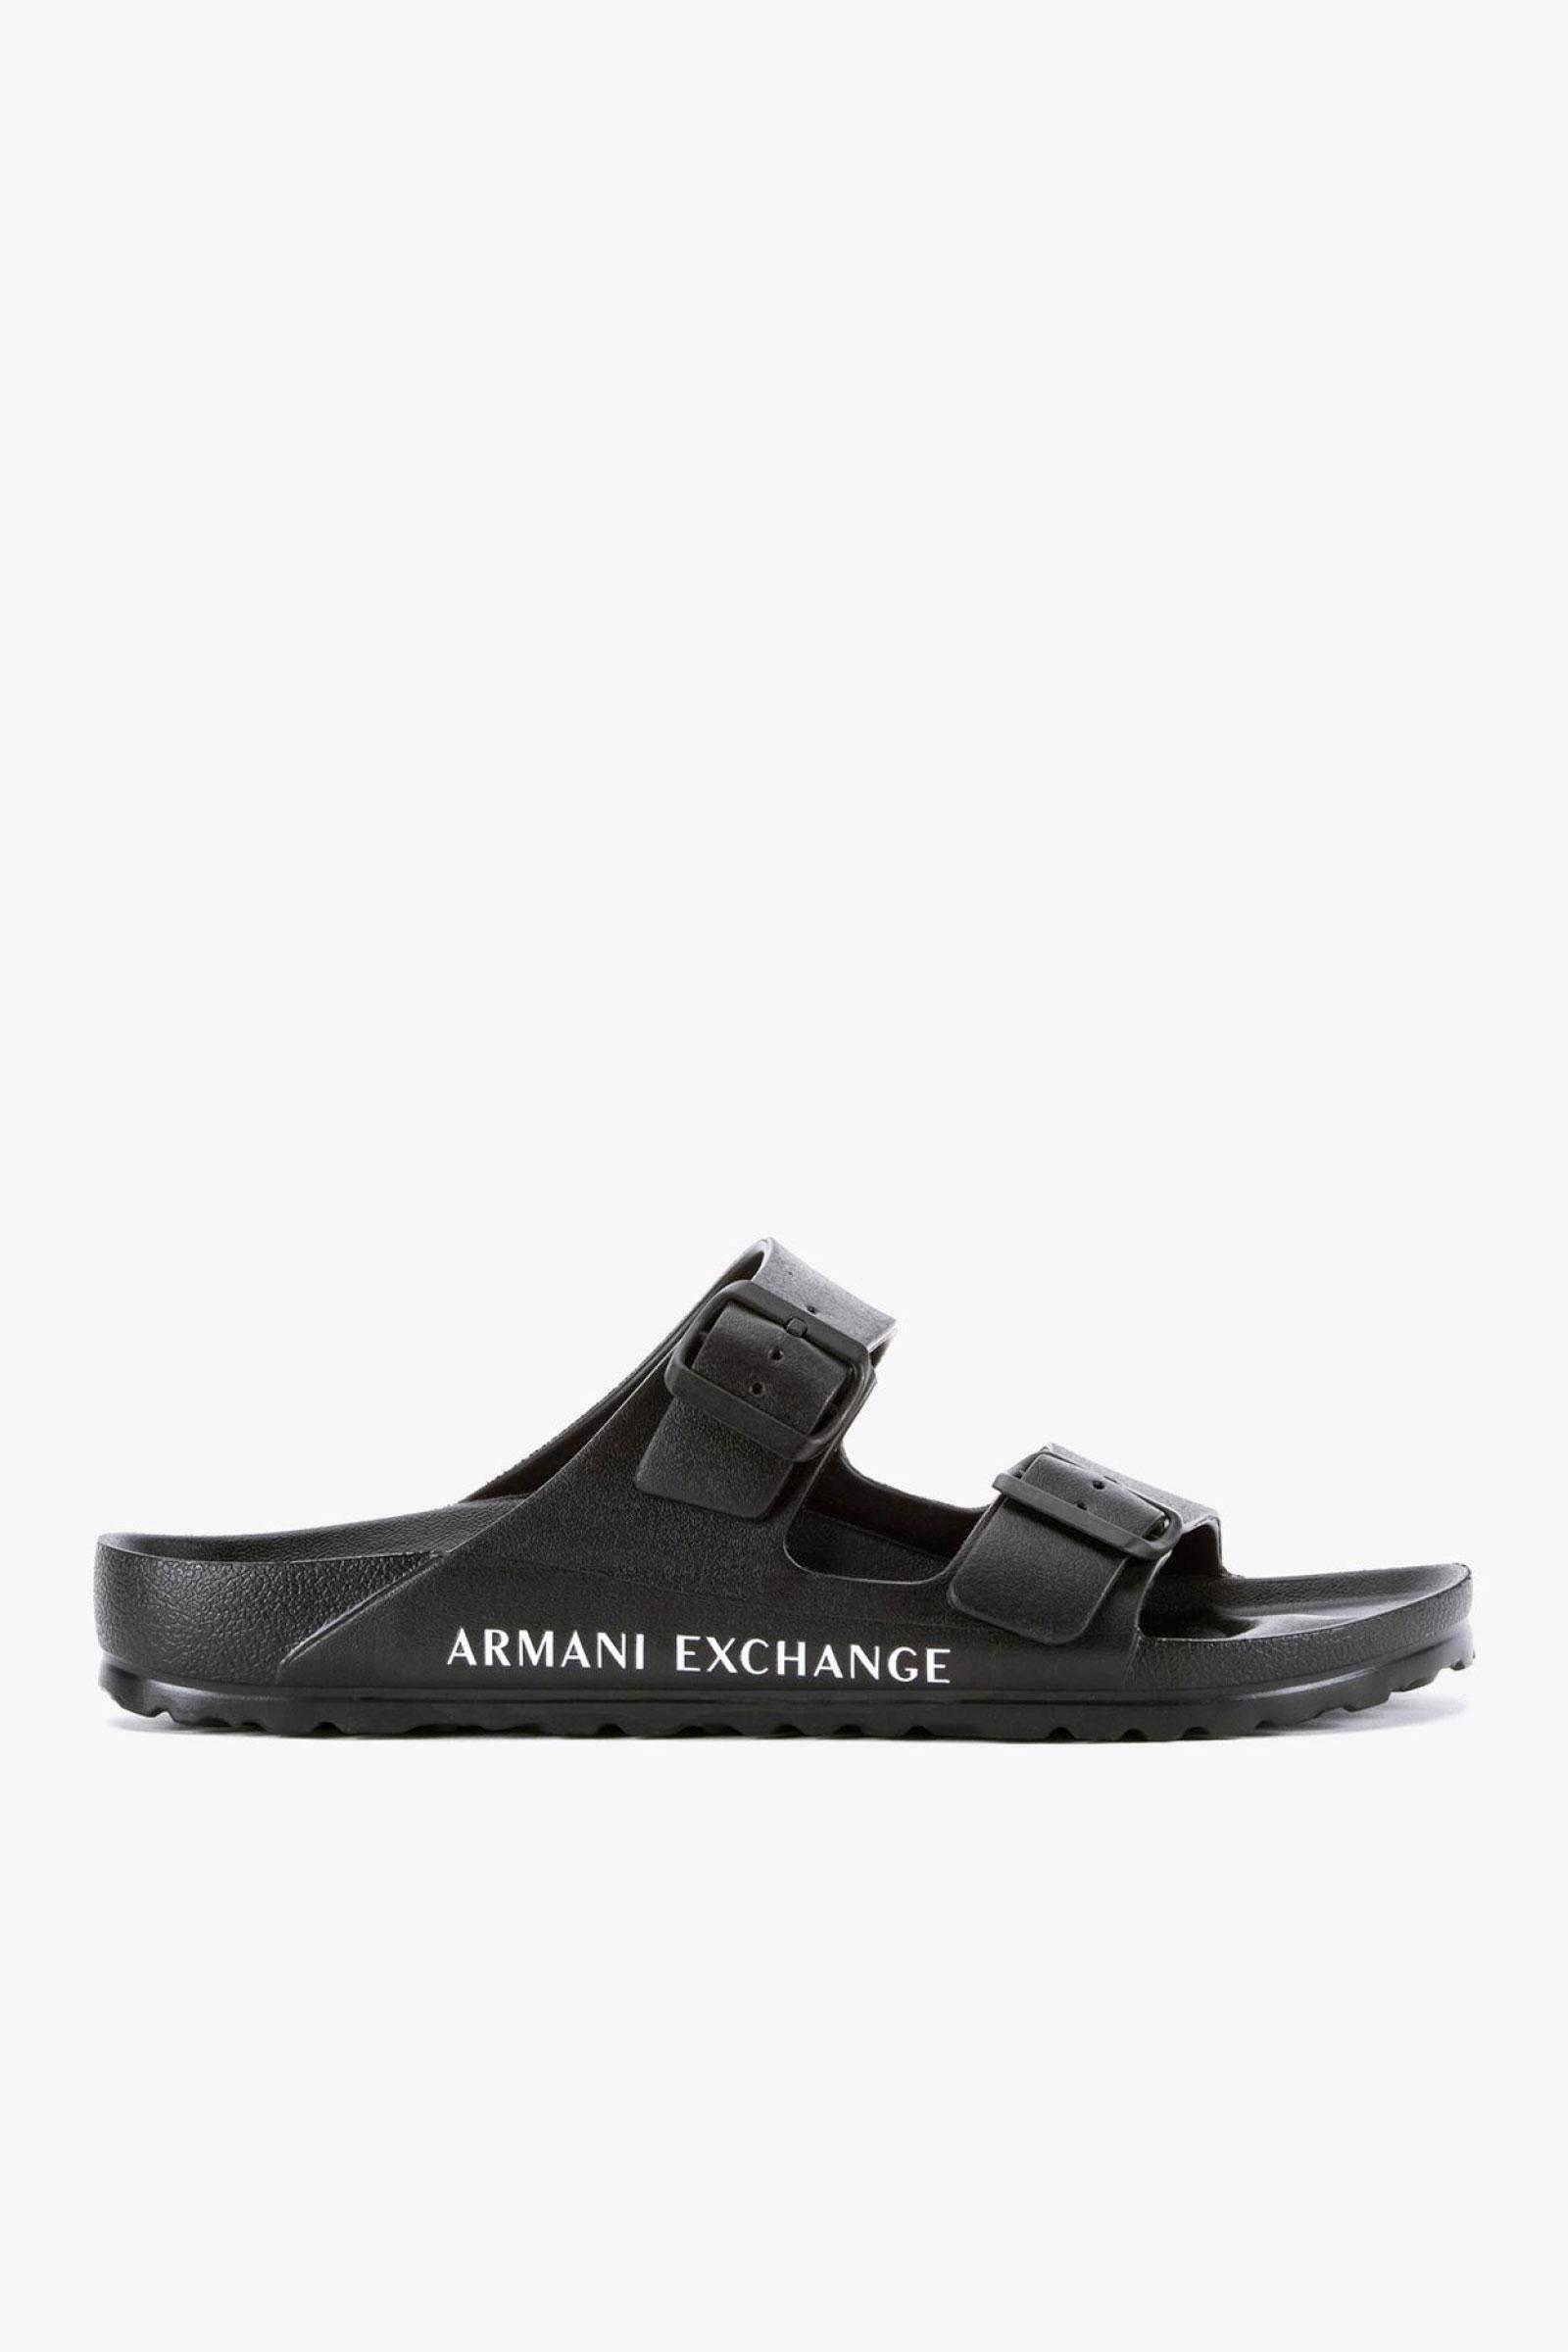 ARMANI EXCHANGE Men's Sandals ARMANI EXCHANGE |  | XUP006 XV292N642